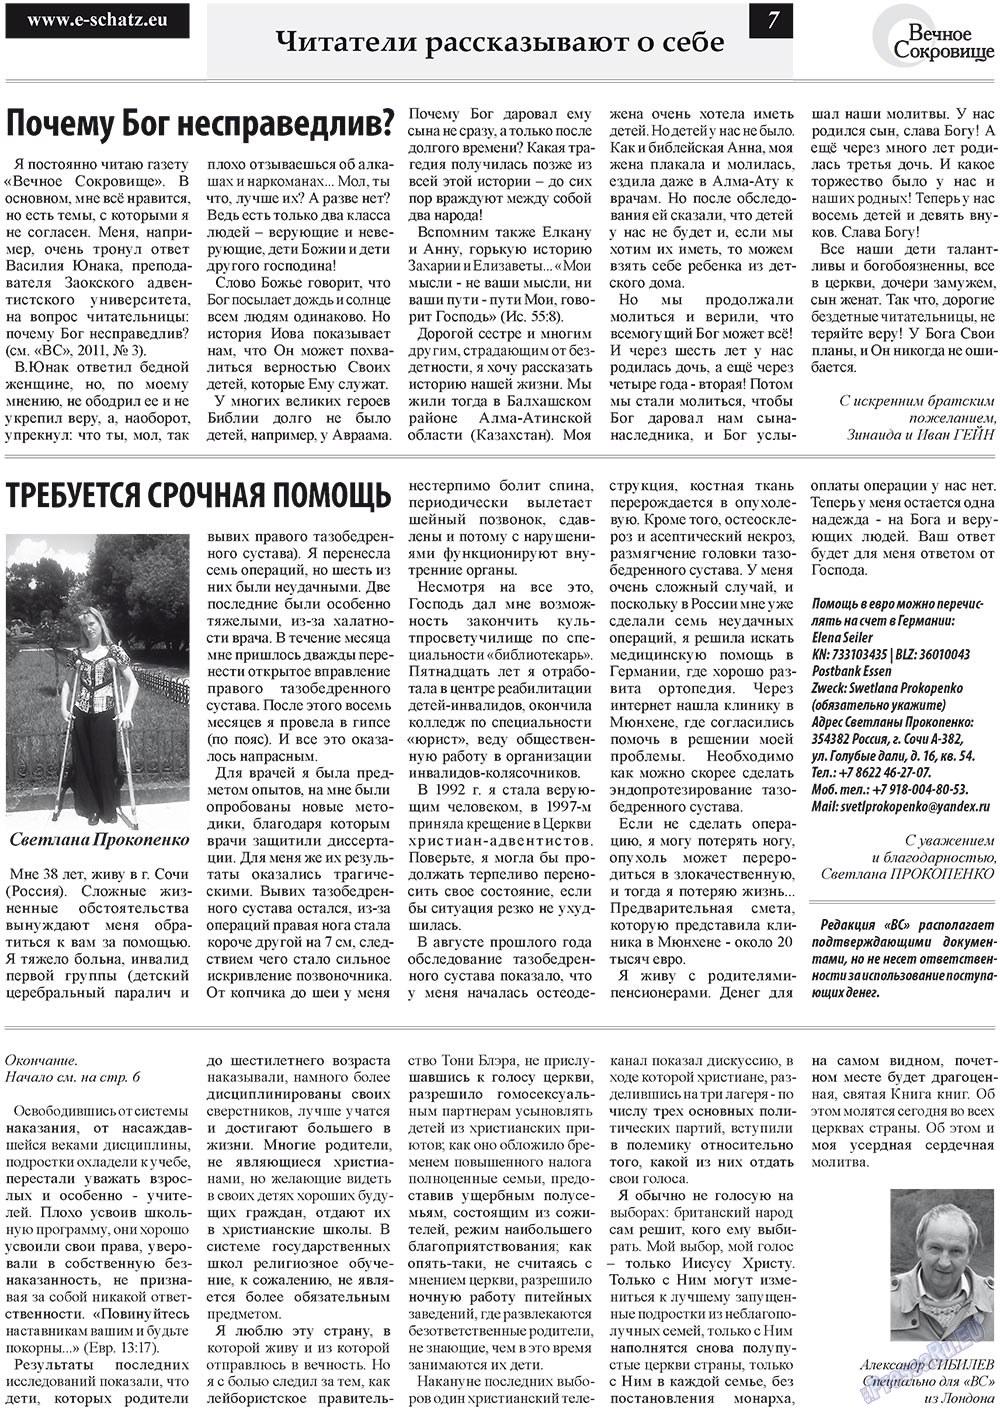 Вечное сокровище (газета). 2011 год, номер 5, стр. 7